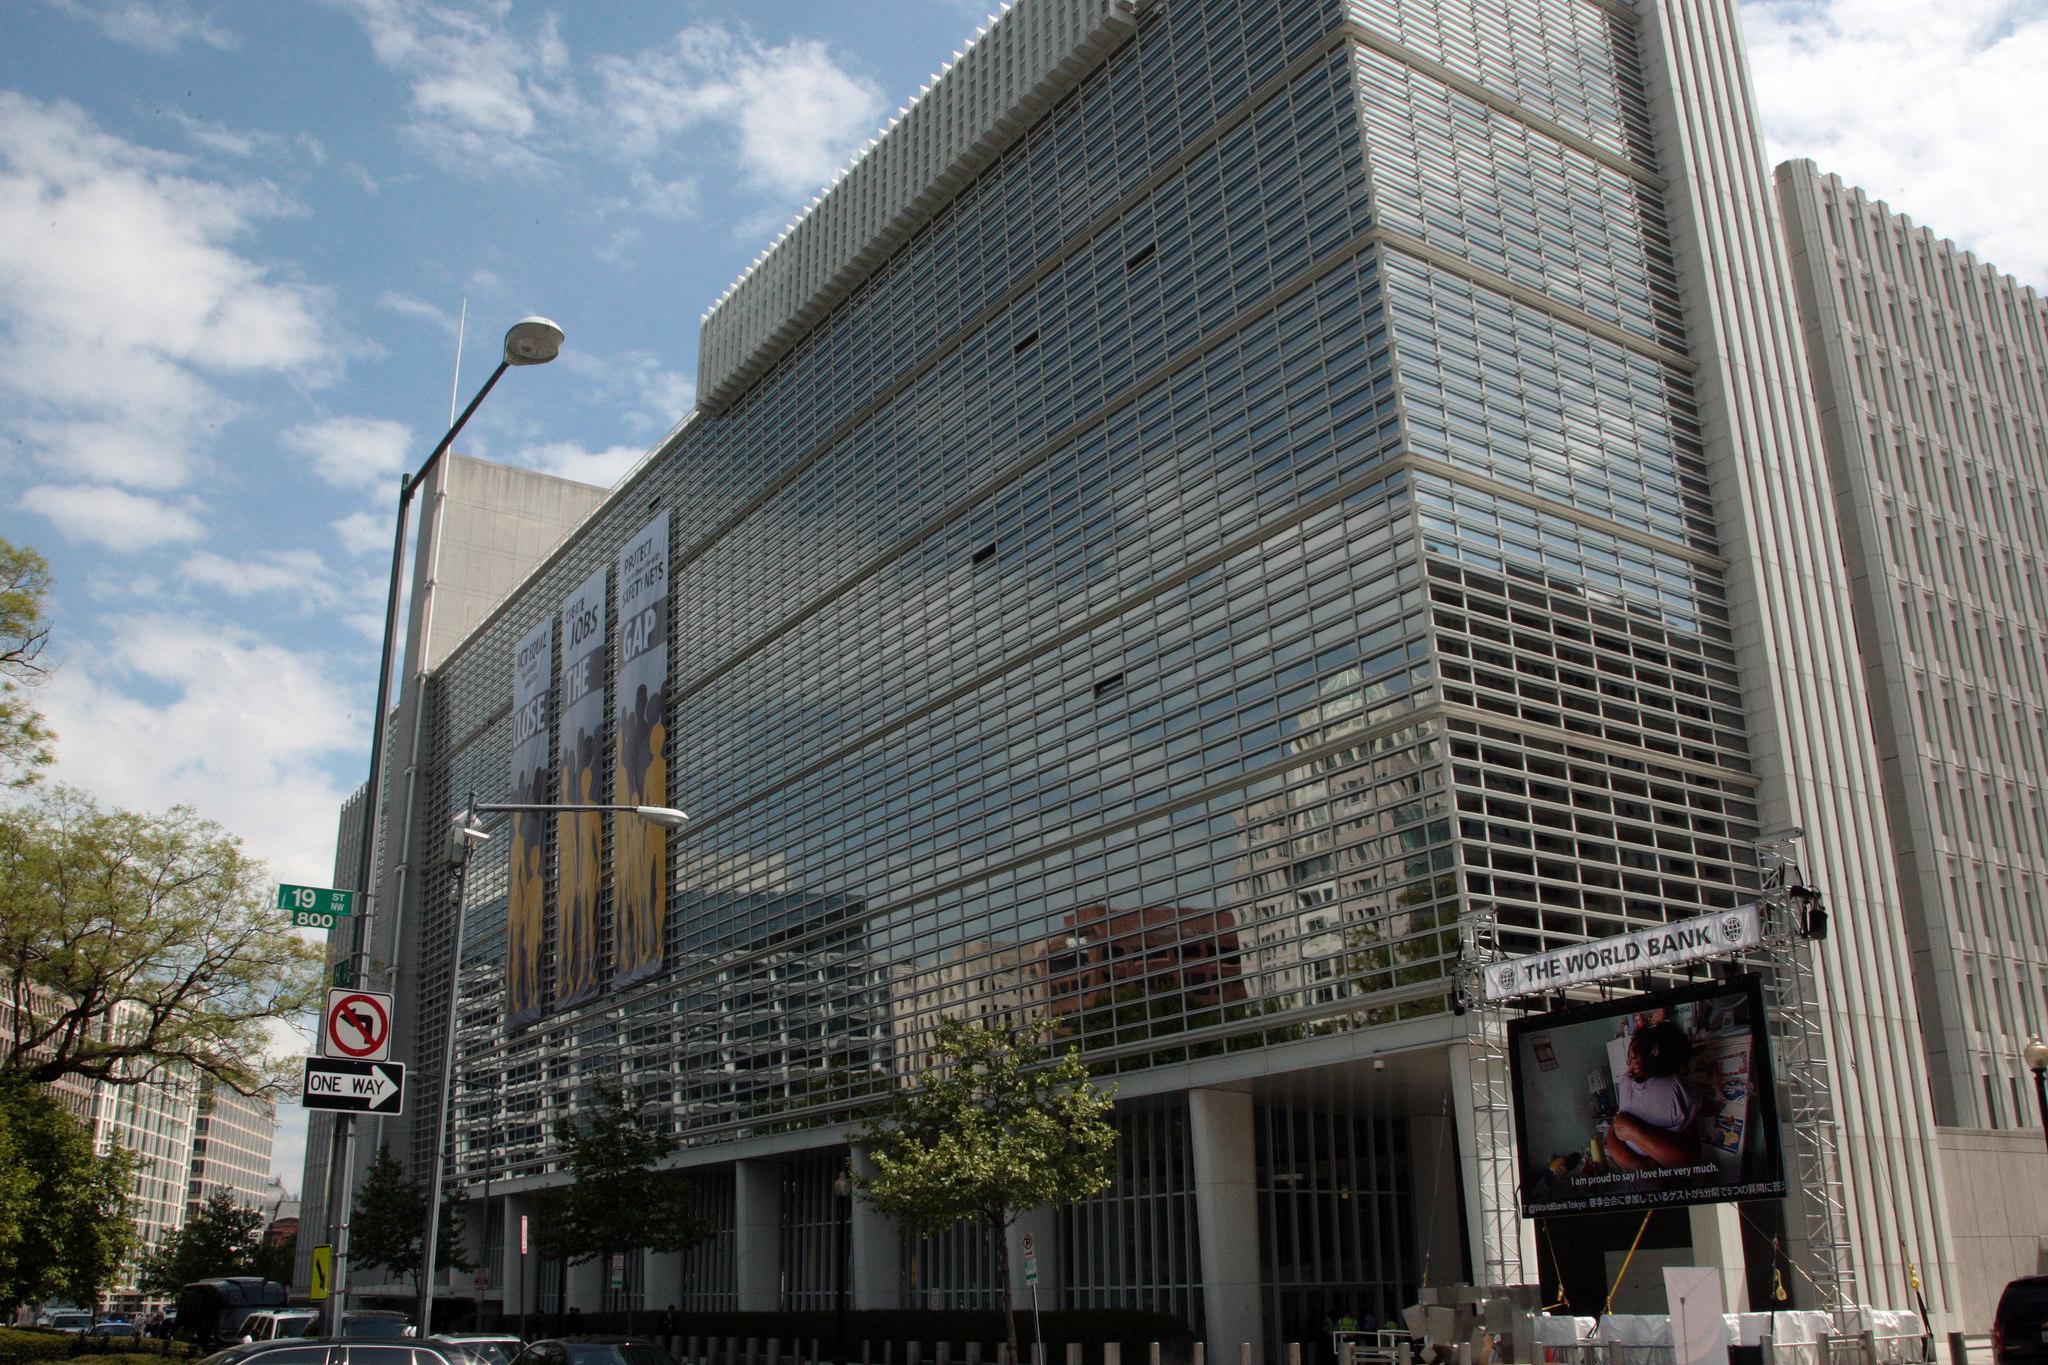 Всемирный банк выделил $140 млн на модернизацию сектора централизованного теплоснабжения в пяти городах Узбекистана